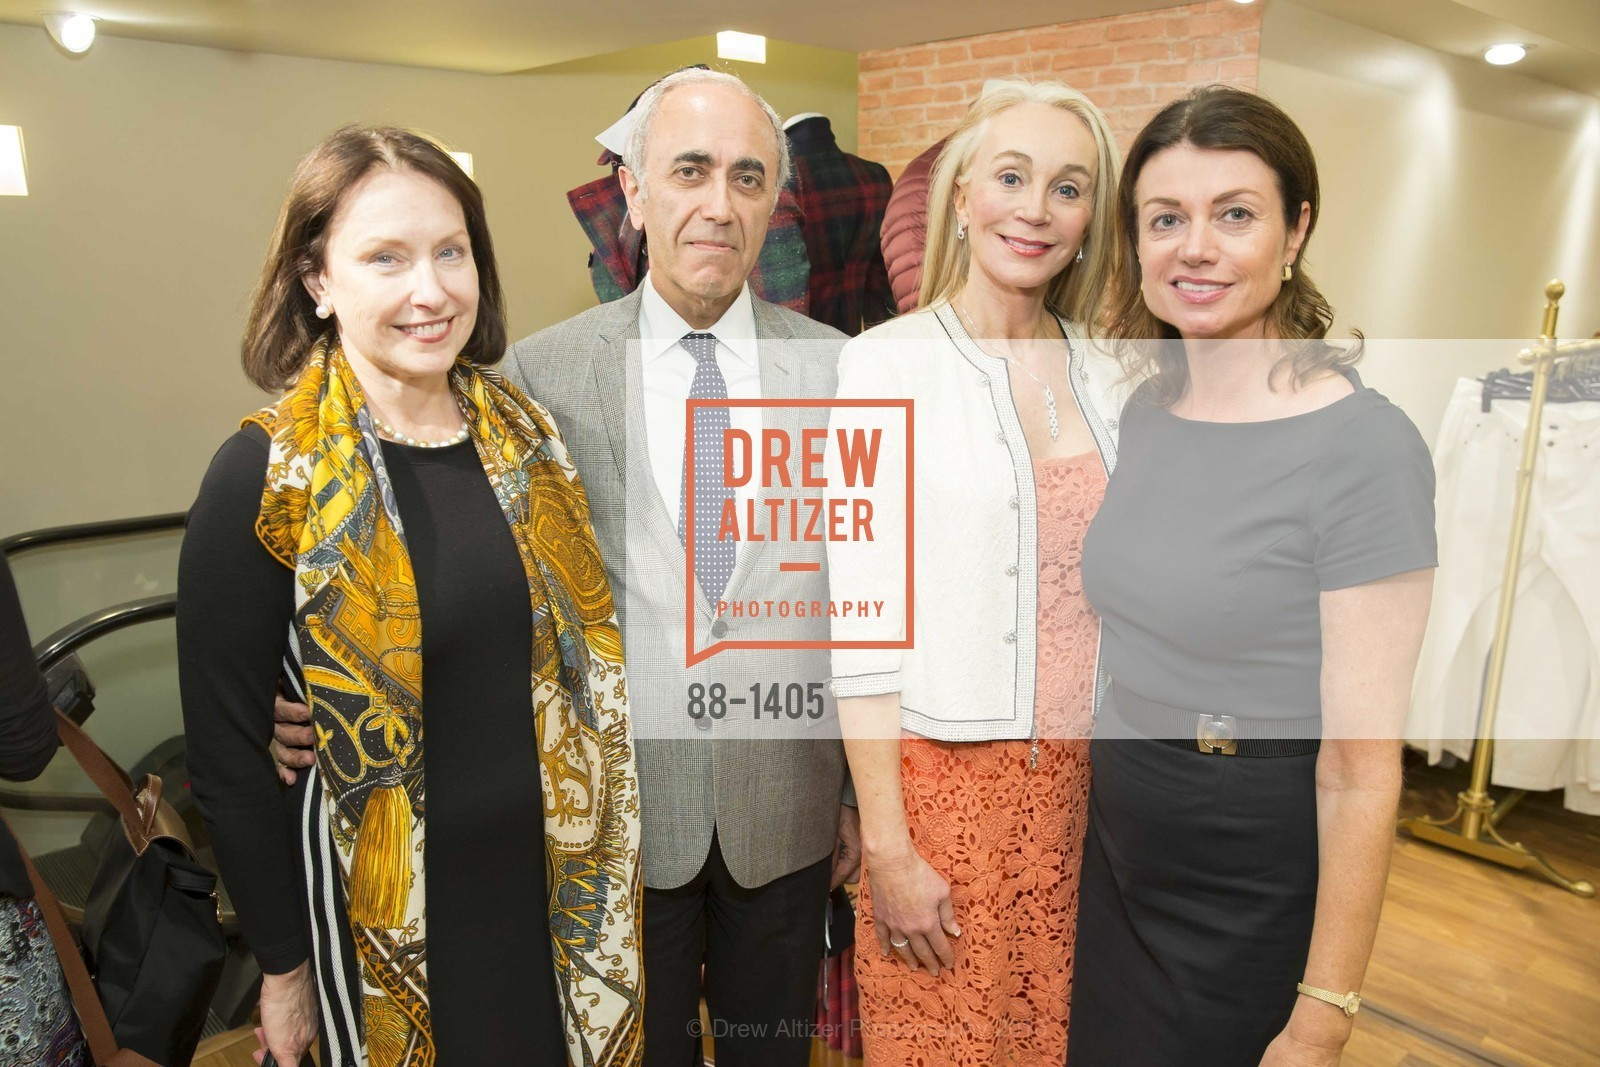 Cynthia Mozaffarian, Amir Mozaffarian, Giselle Anna Parry, Norene Sheehan, Photo #88-1405